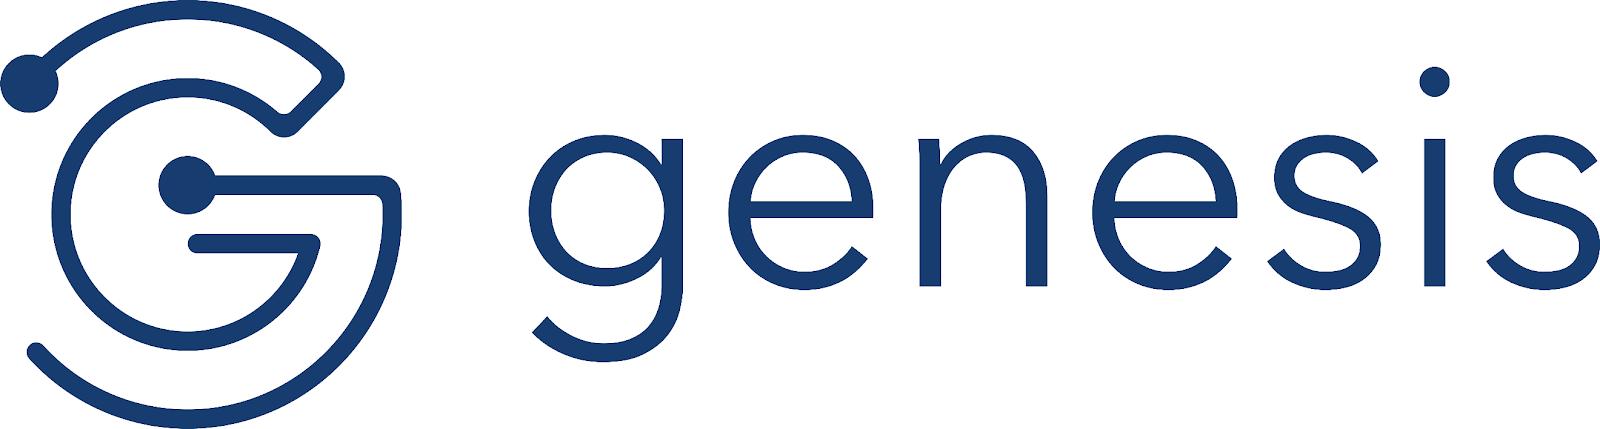 genesis appoints Nick Kolba as Global Head of Platform